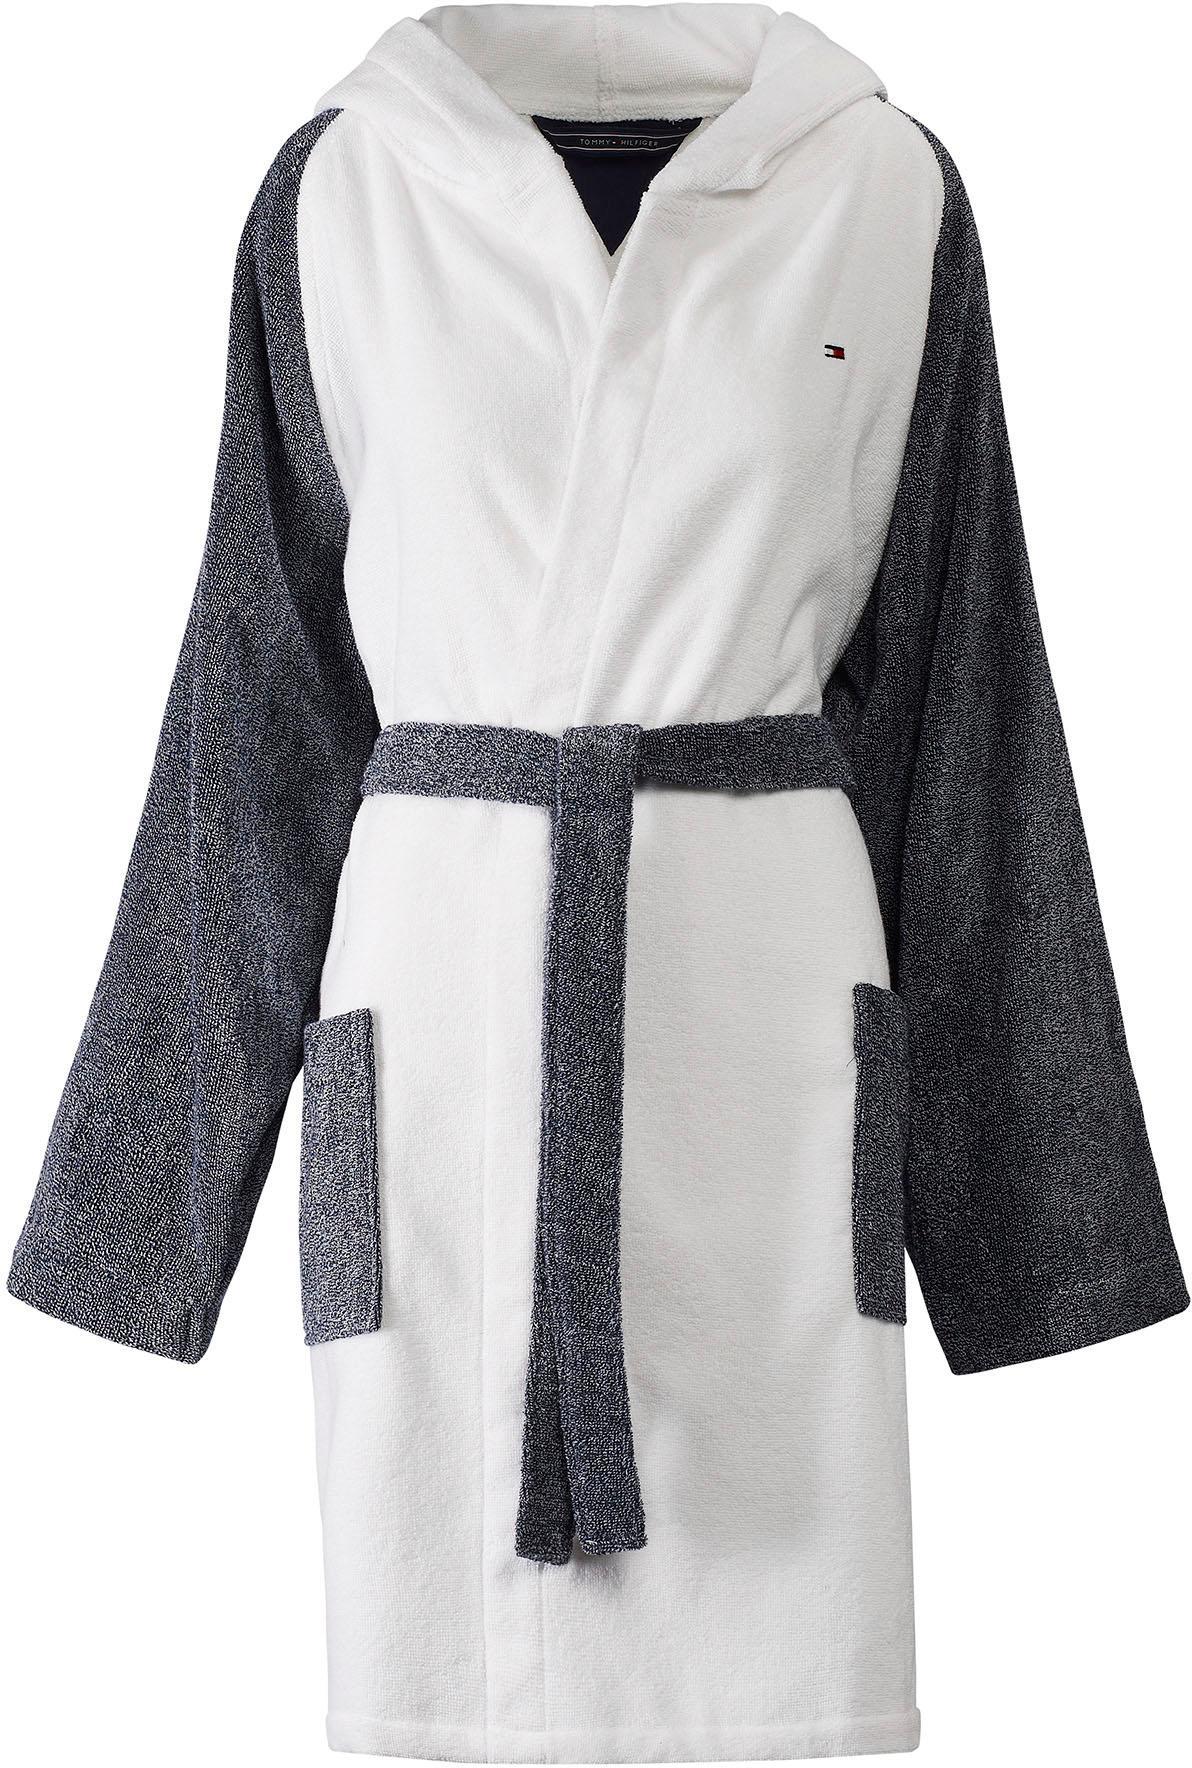 Damenbademantel »Sweater«, TOMMY HILFIGER | Bekleidung > Bademode > Bademäntel | Blau | Baumwolle | TOMMY HILFIGER